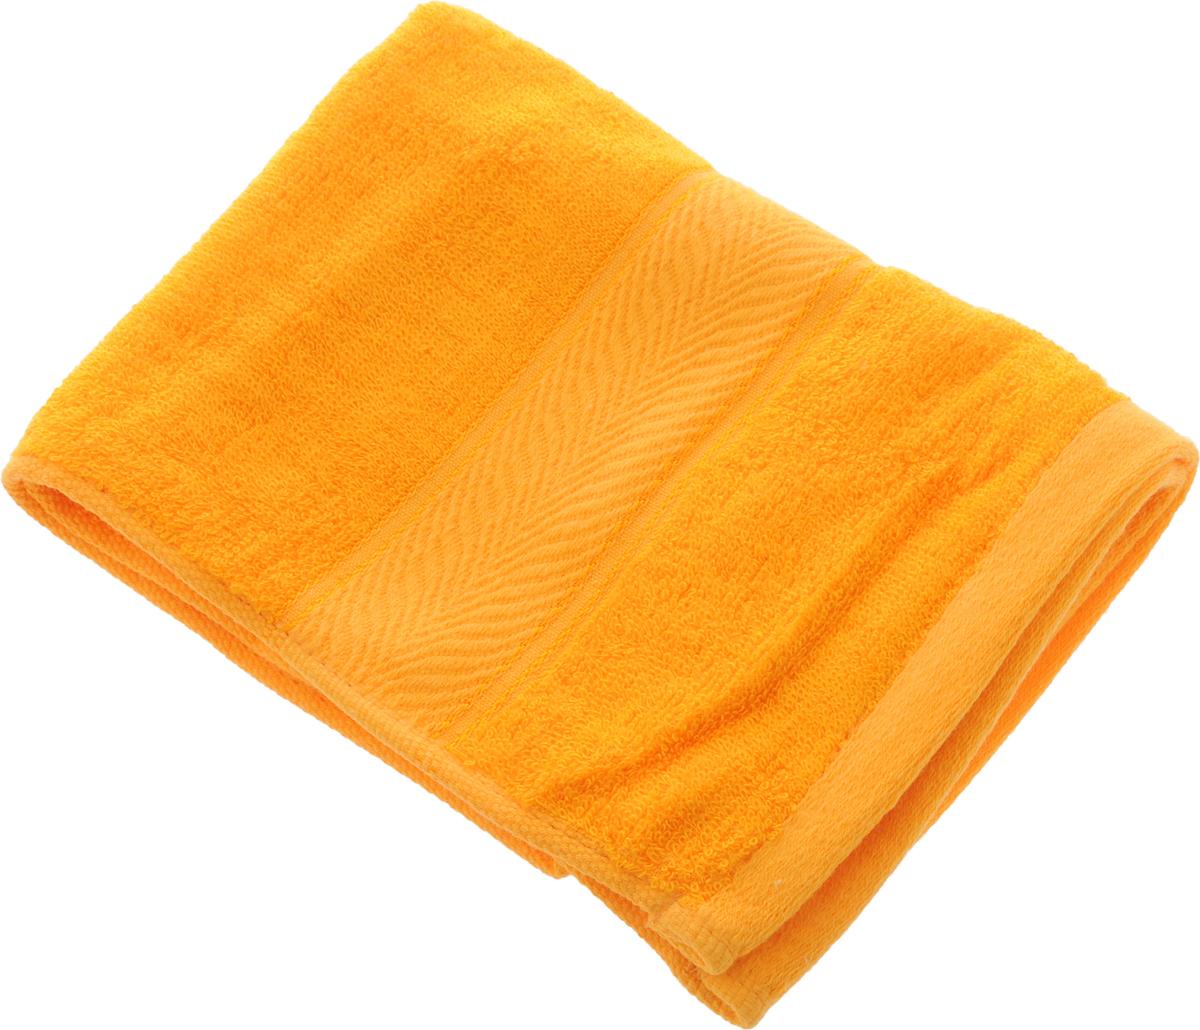 Полотенце Soavita Stefano, цвет: желтый, 30 х 70 см64098Полотенце Soavita Stefano выполнено из 100% бамбукового волокна. Изделие отлично впитывает влагу, быстро сохнет, сохраняет яркость цвета и не теряет форму даже после многократных стирок.Полотенце очень практично и неприхотливо в уходе. Оно создаст прекрасное настроение и украсит интерьер в ванной комнате.